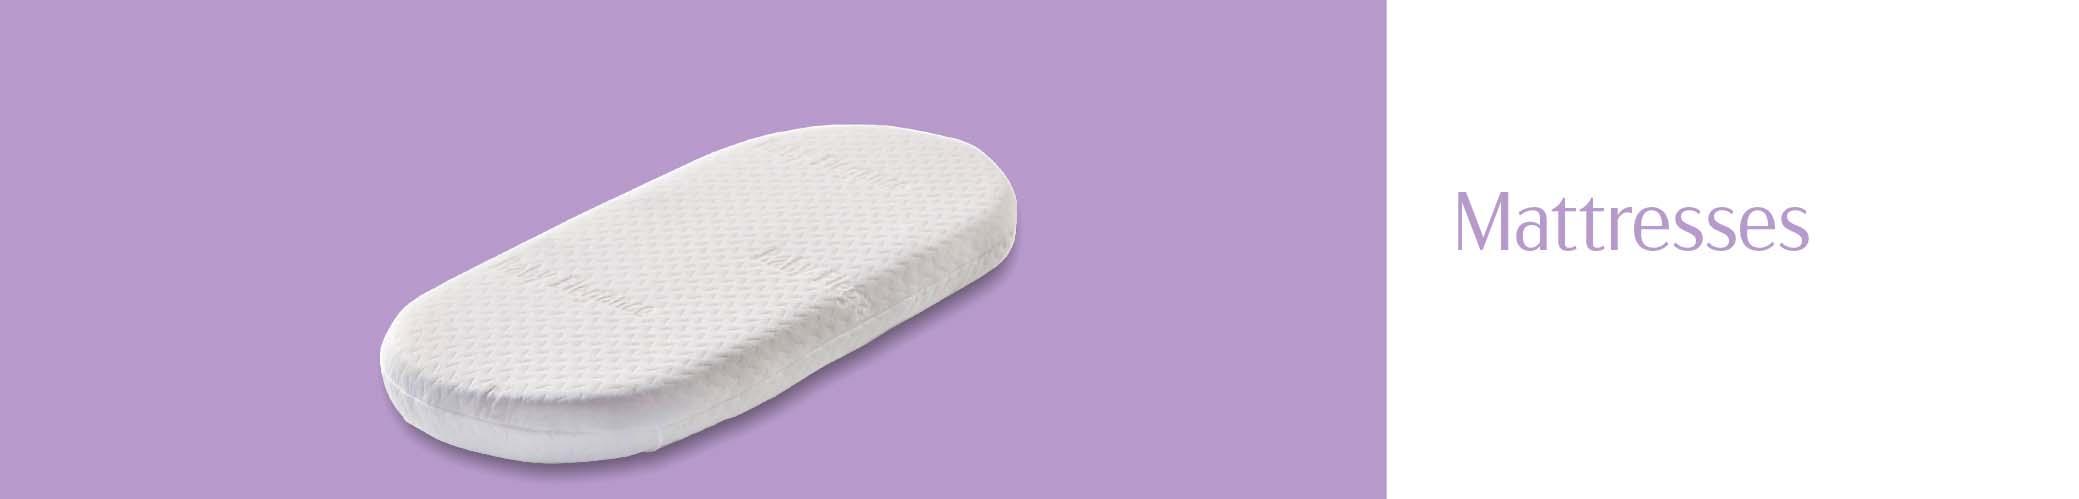 -67-mattresses-internalbanner-june21.jpg